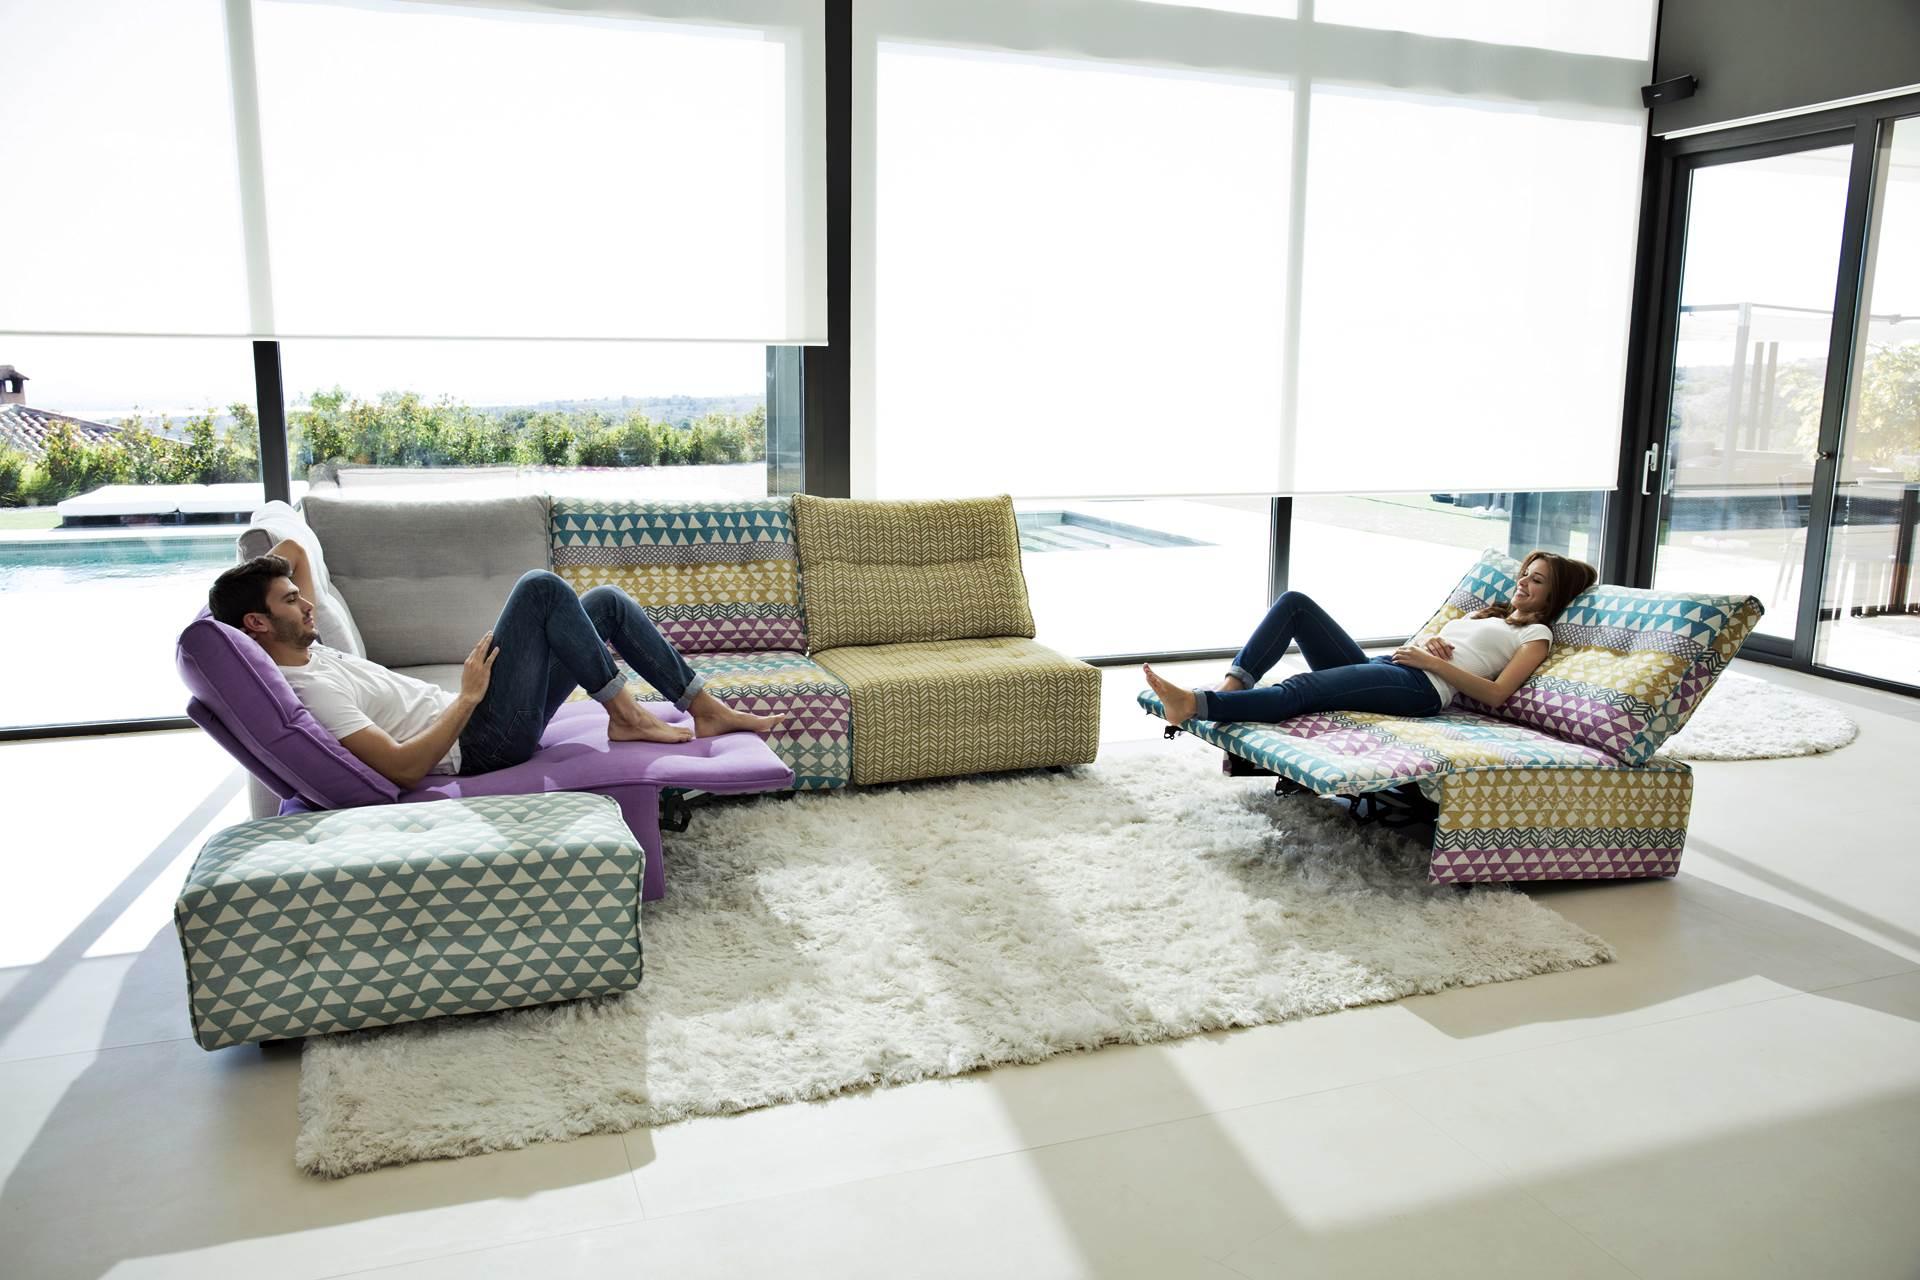 Salon Modulable Relaxation électrique   Story